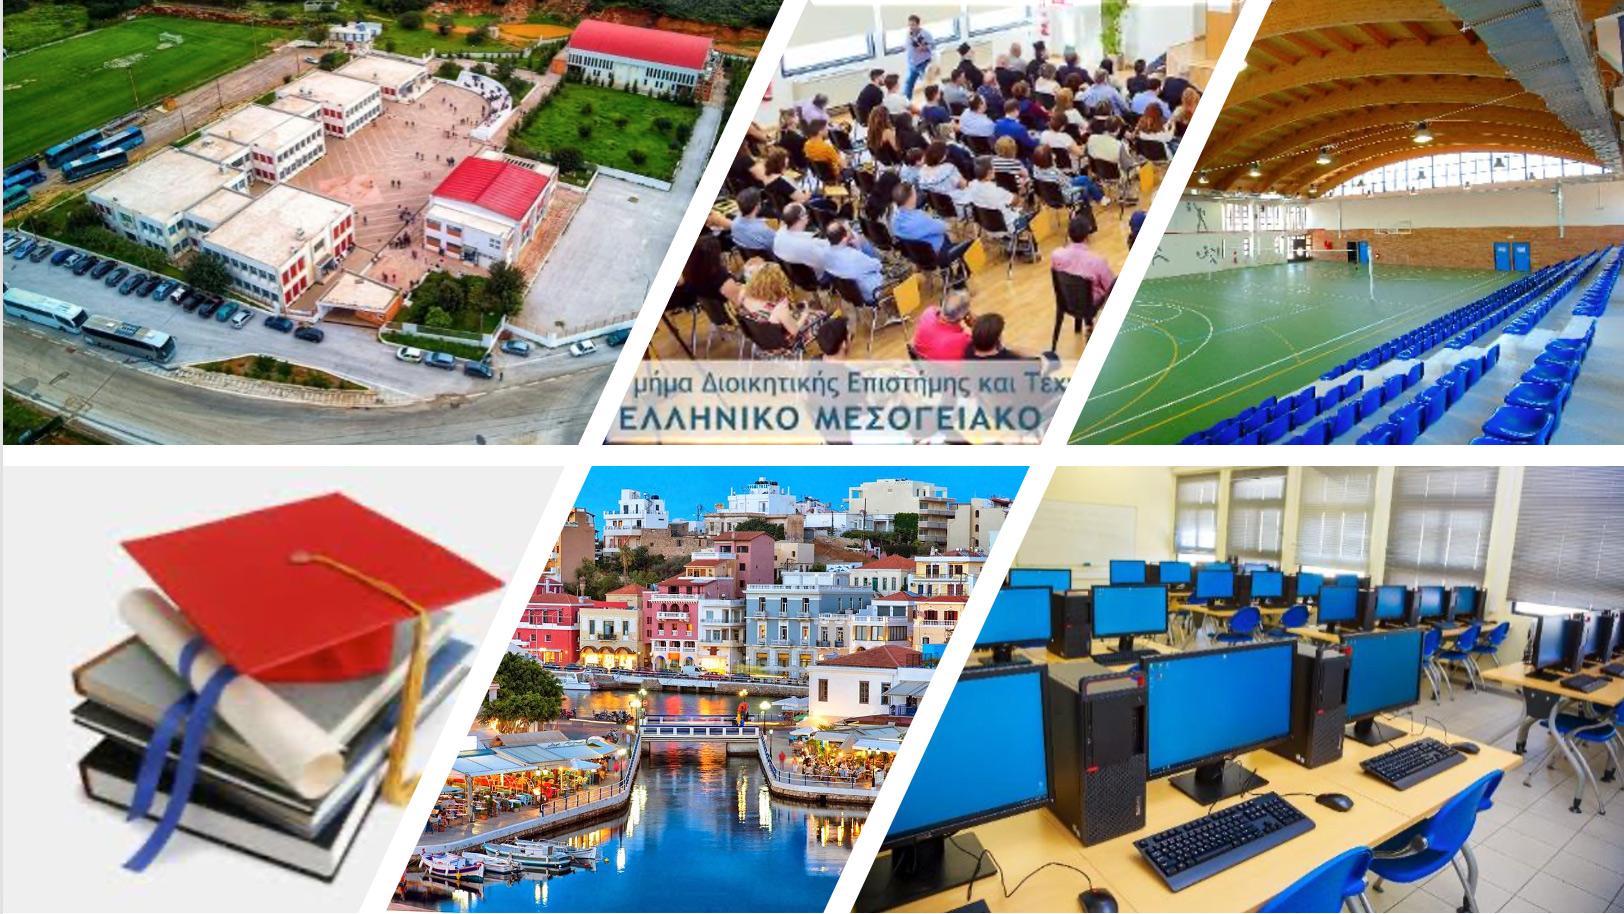 Διαδραστική Διαδικτυακή Ενημέρωση από το Τμήμα Διοικητικής Επιστήμης και Τεχνολογίας σε  Υποψηφίους Πανελληνίων Εξετάσεων